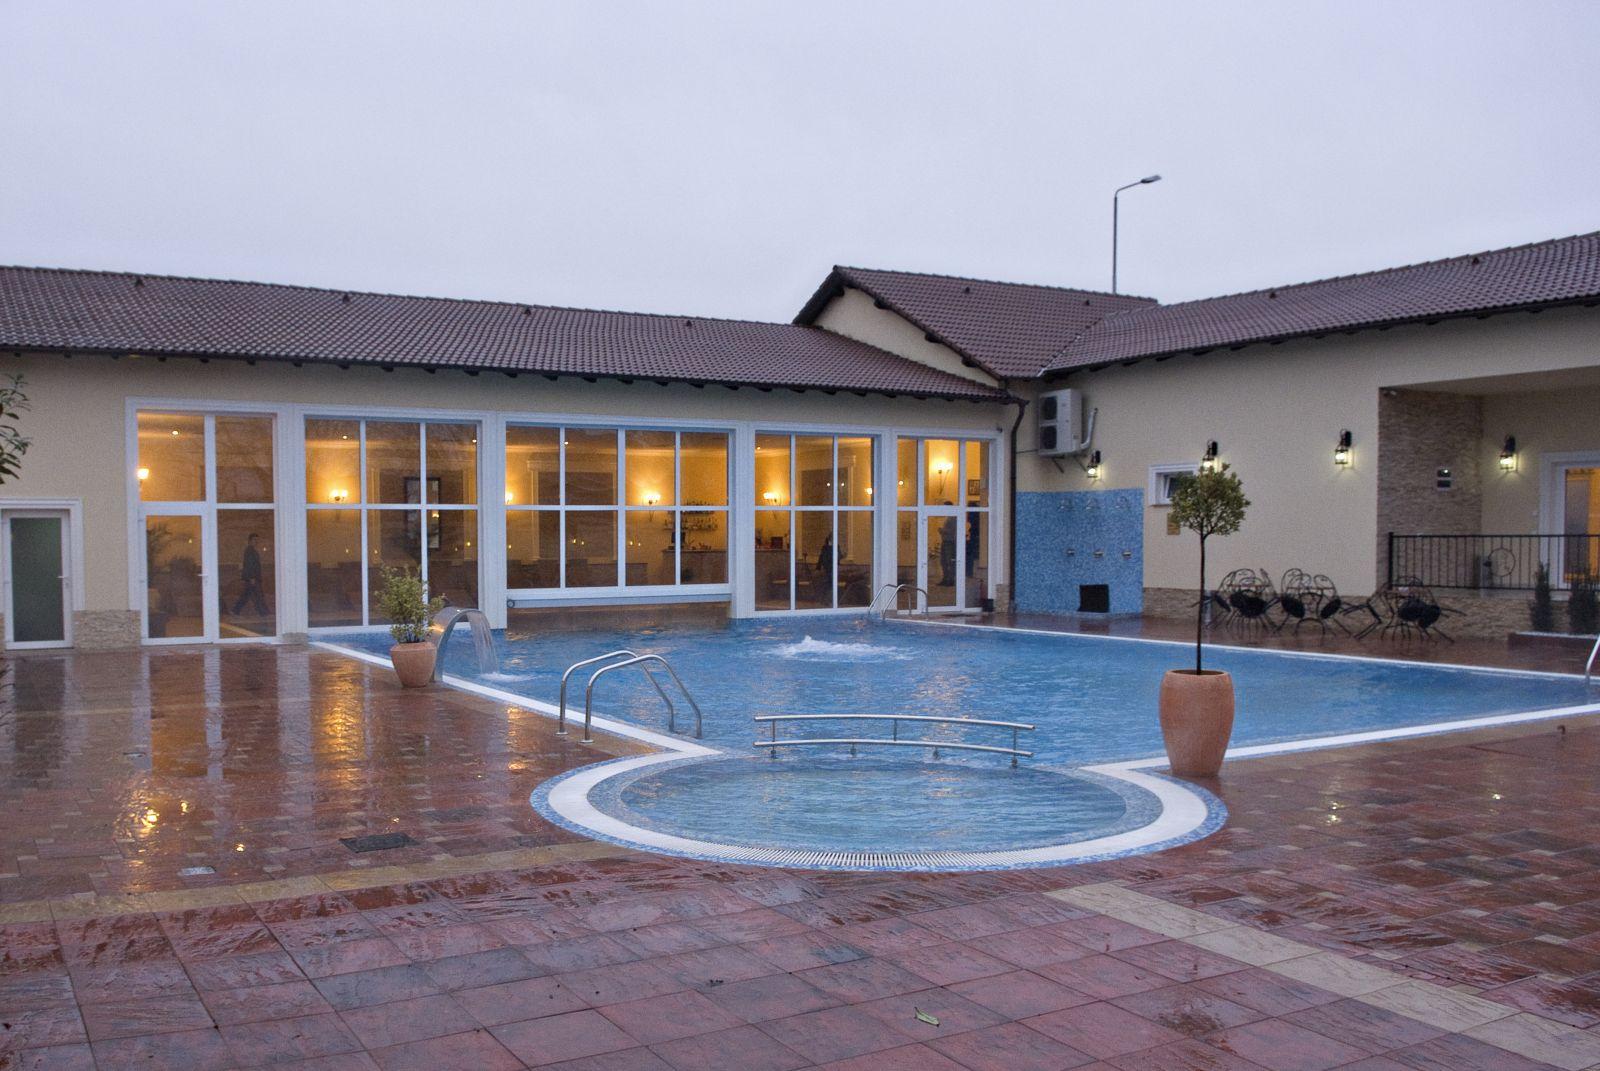 Piscina pensiunea allegria for Cazare cu piscina interioara valea prahovei